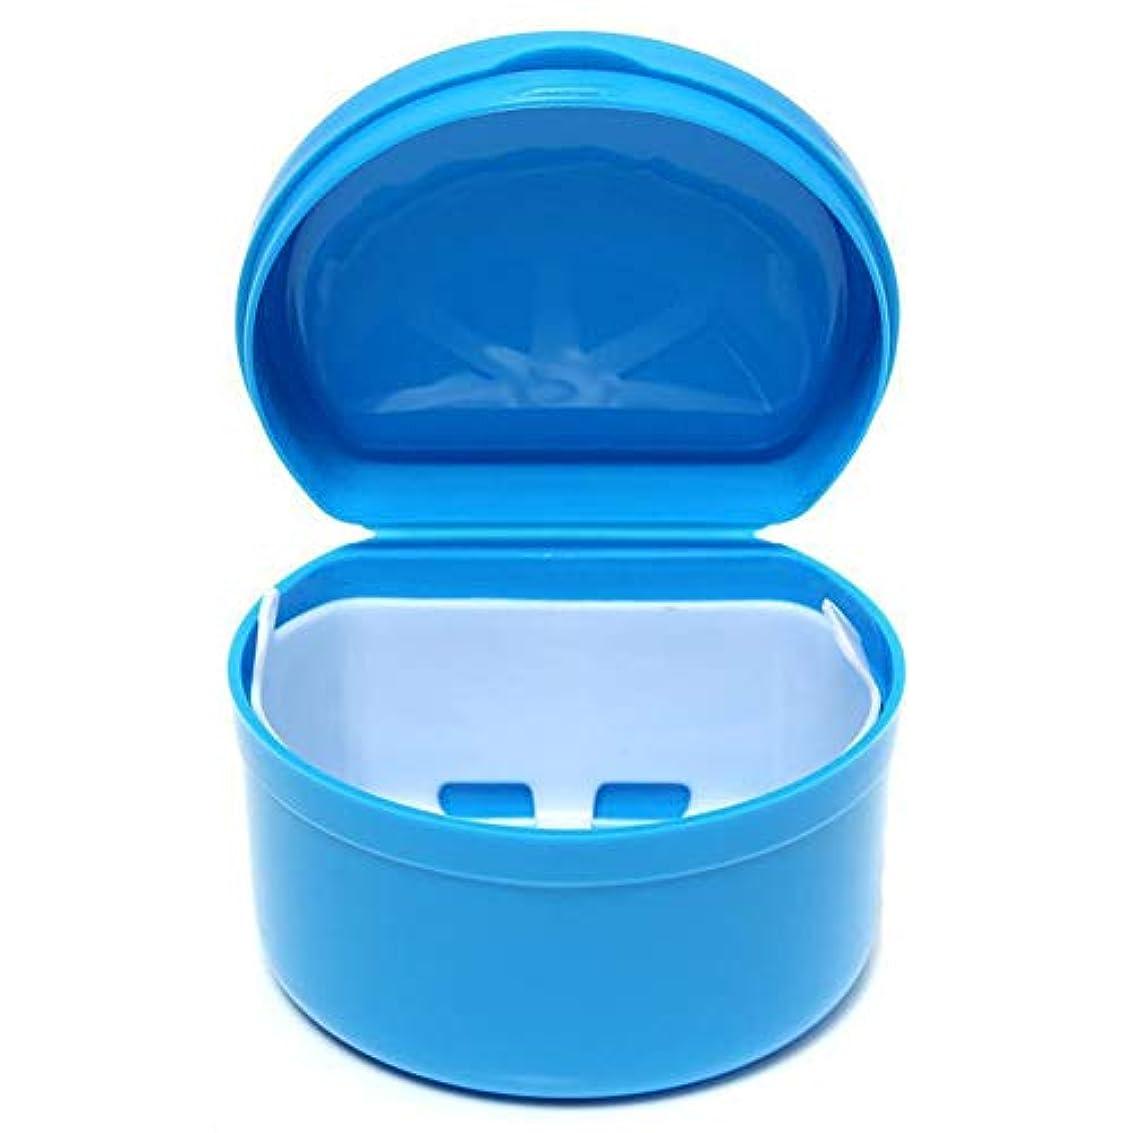 だらしない口頭パーセントRaiFu 収納ボックス ポータブル 部分 義歯 歯のケア ケース 歯科 トレイボックス 歯列 矯正リテーナー ブルー